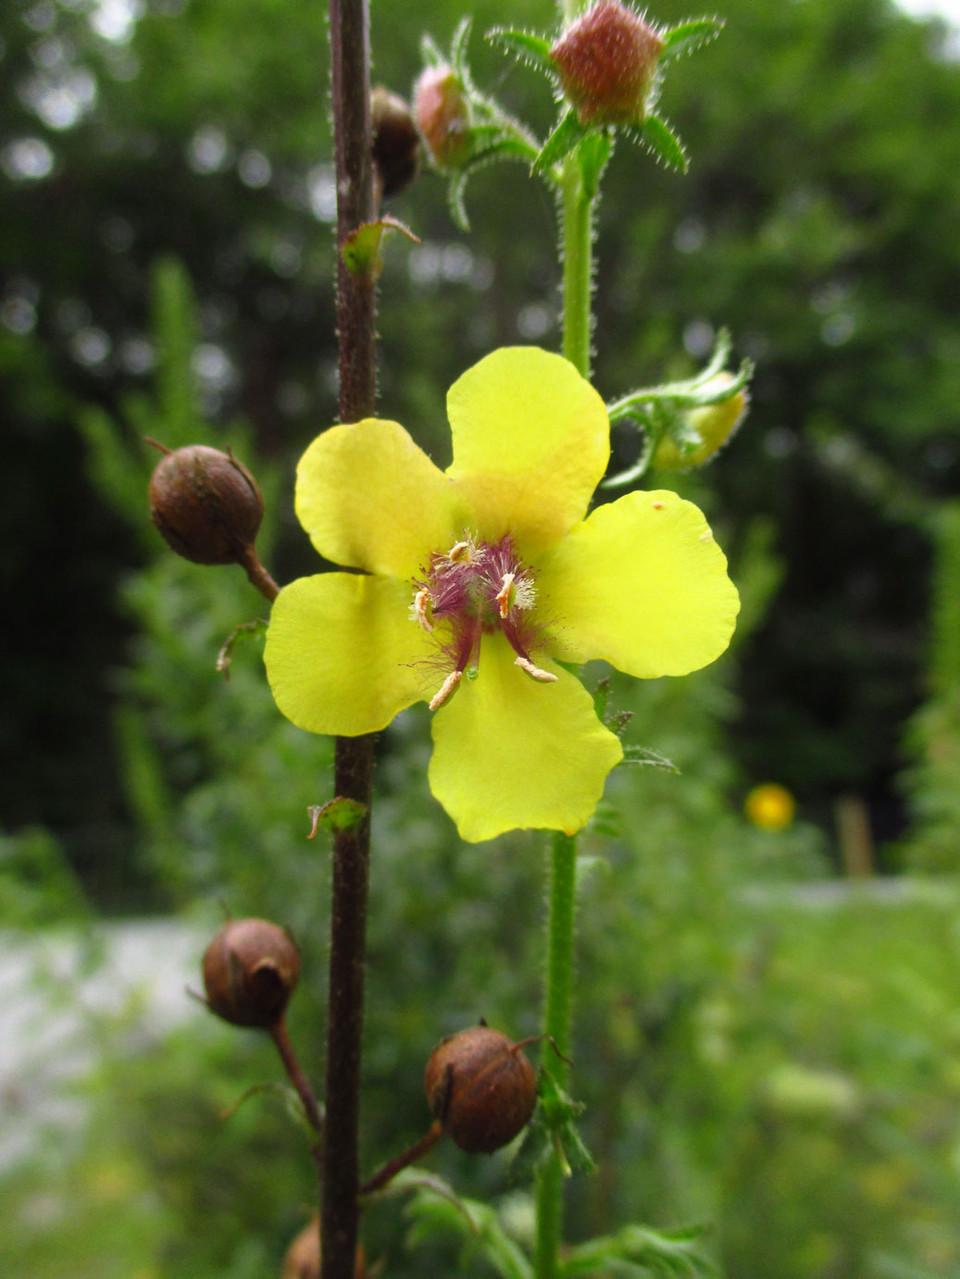 Schaben-Königskerze (Verbascum blattaria) | Familie: Braunwurzgewächse (Scrophulariaceae)